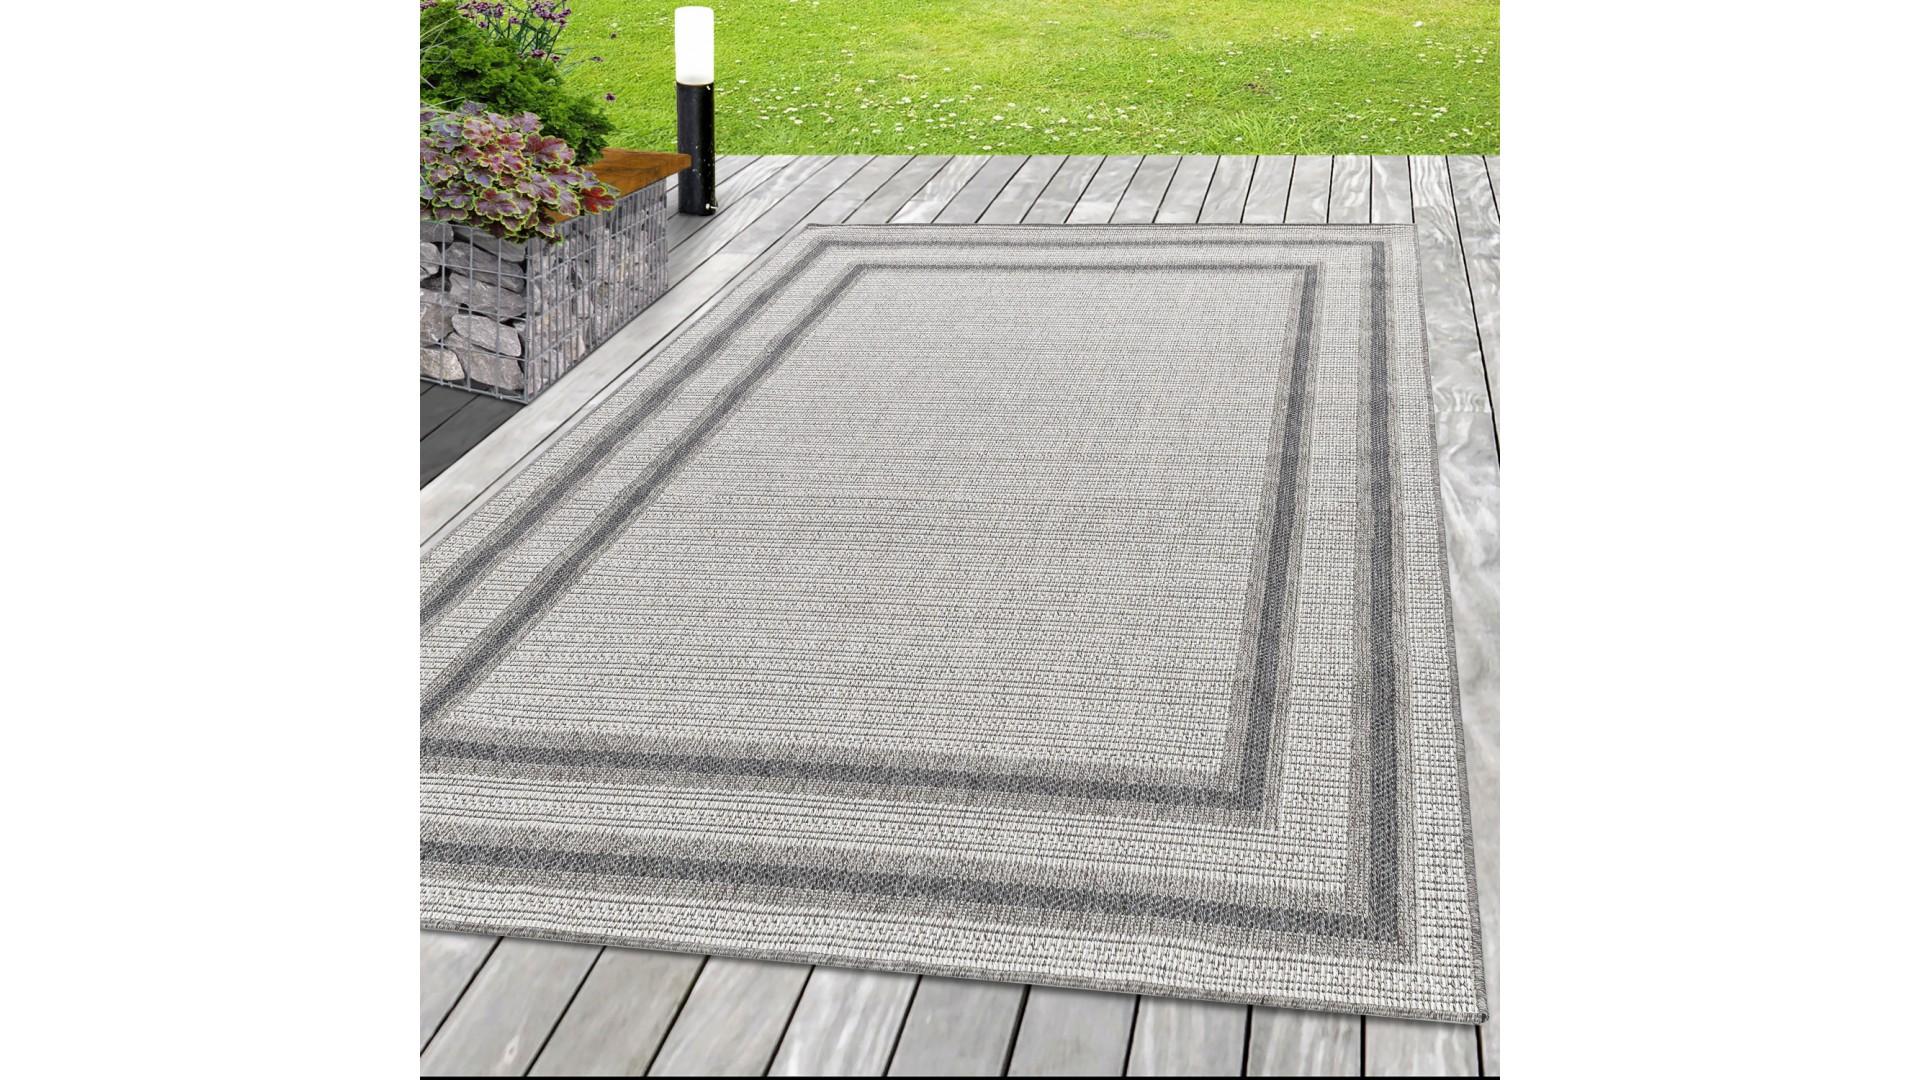 Nowoczesny dywan sznurkowy idealny na taras i do kuchni.